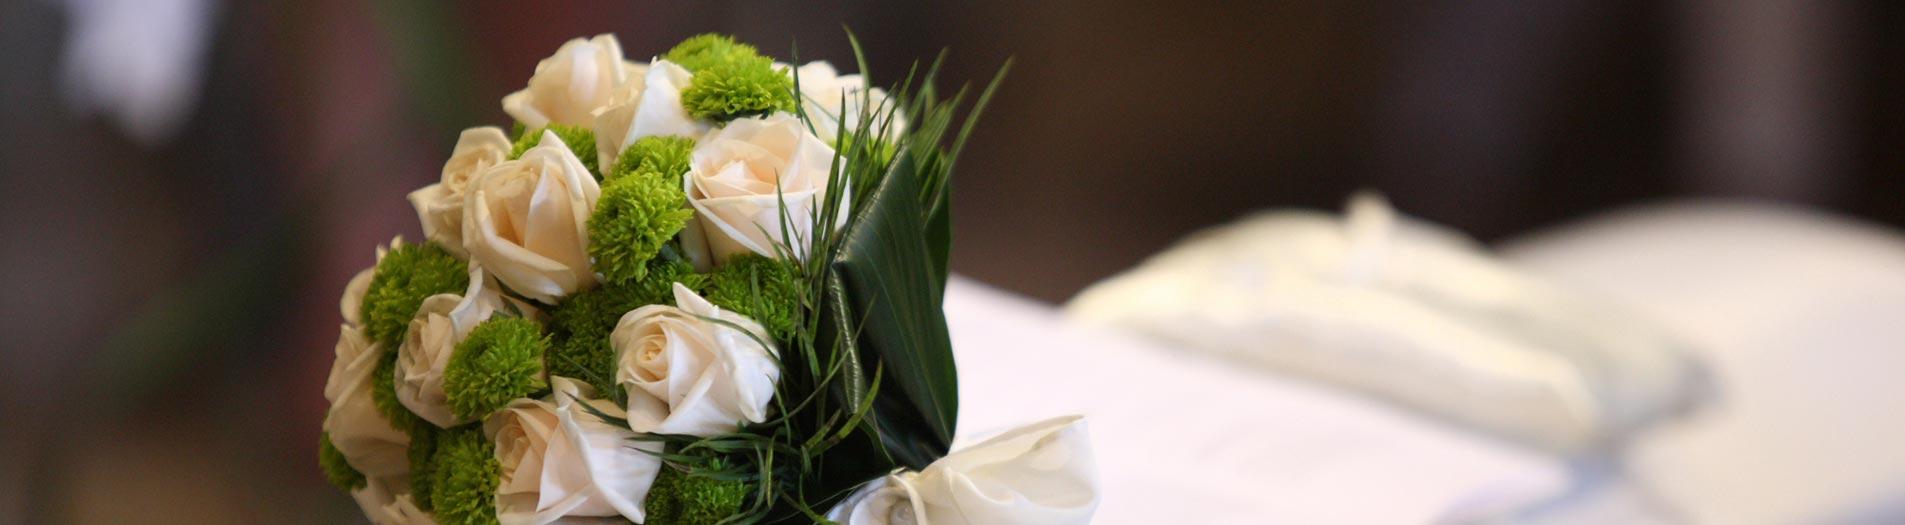 fiori-verdi-matrimonio